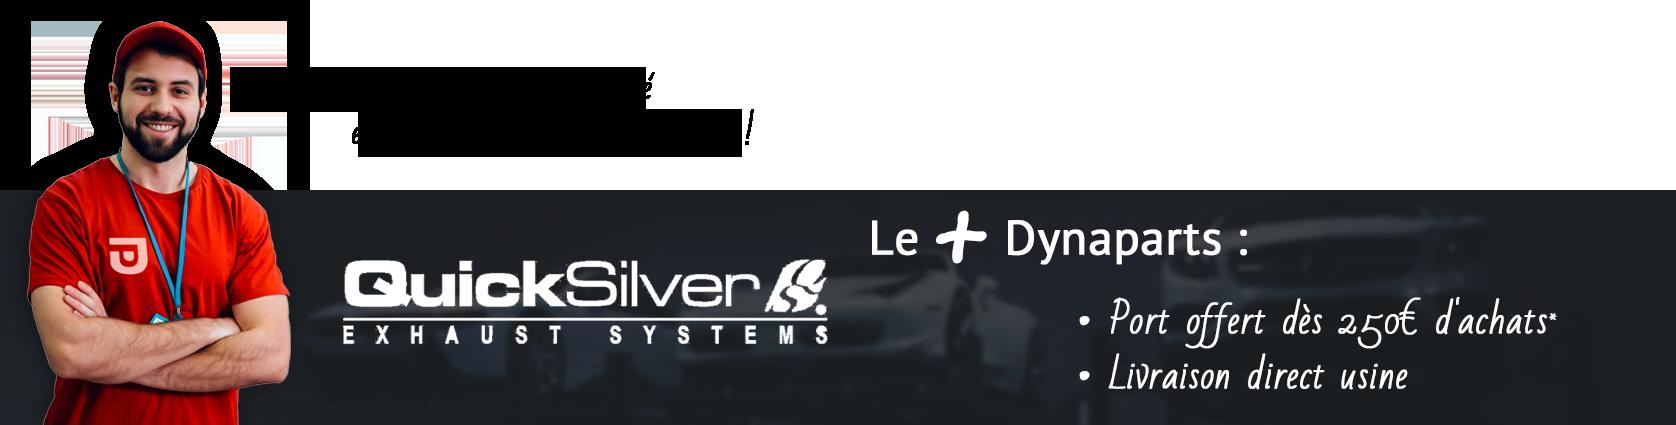 Bannière QuickSilver